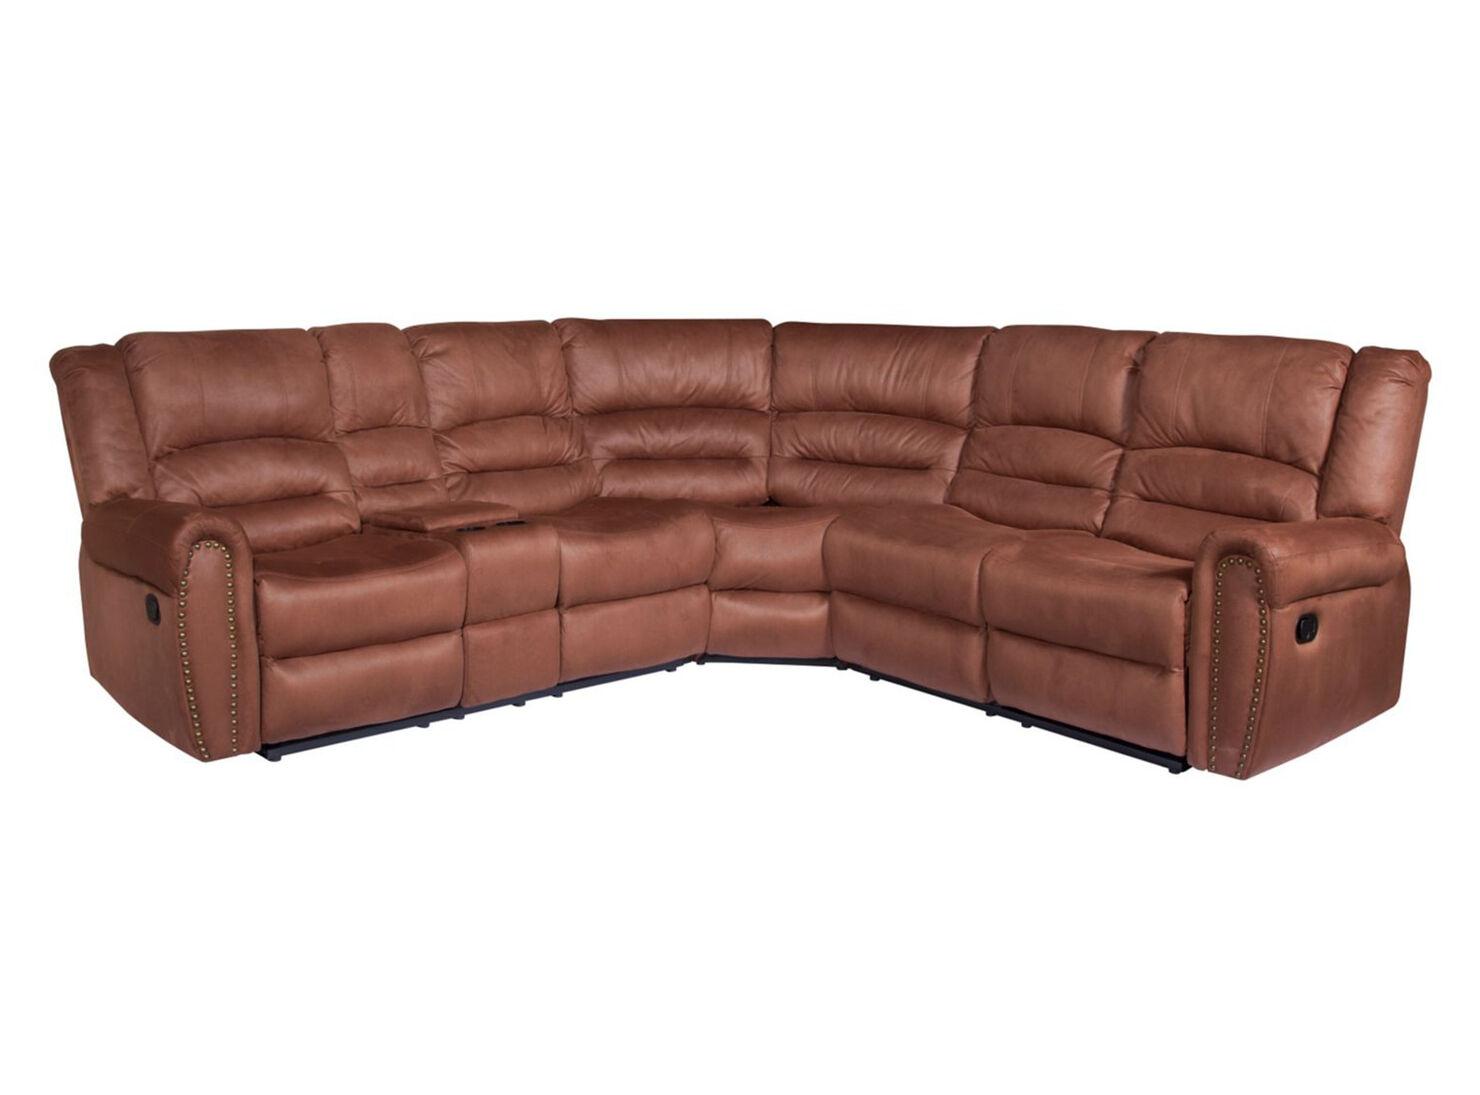 Sillones Reclinables Usados.Sofa Seccional Pu Reclinable Arizona 5 Cuerpos Vintage Attimo